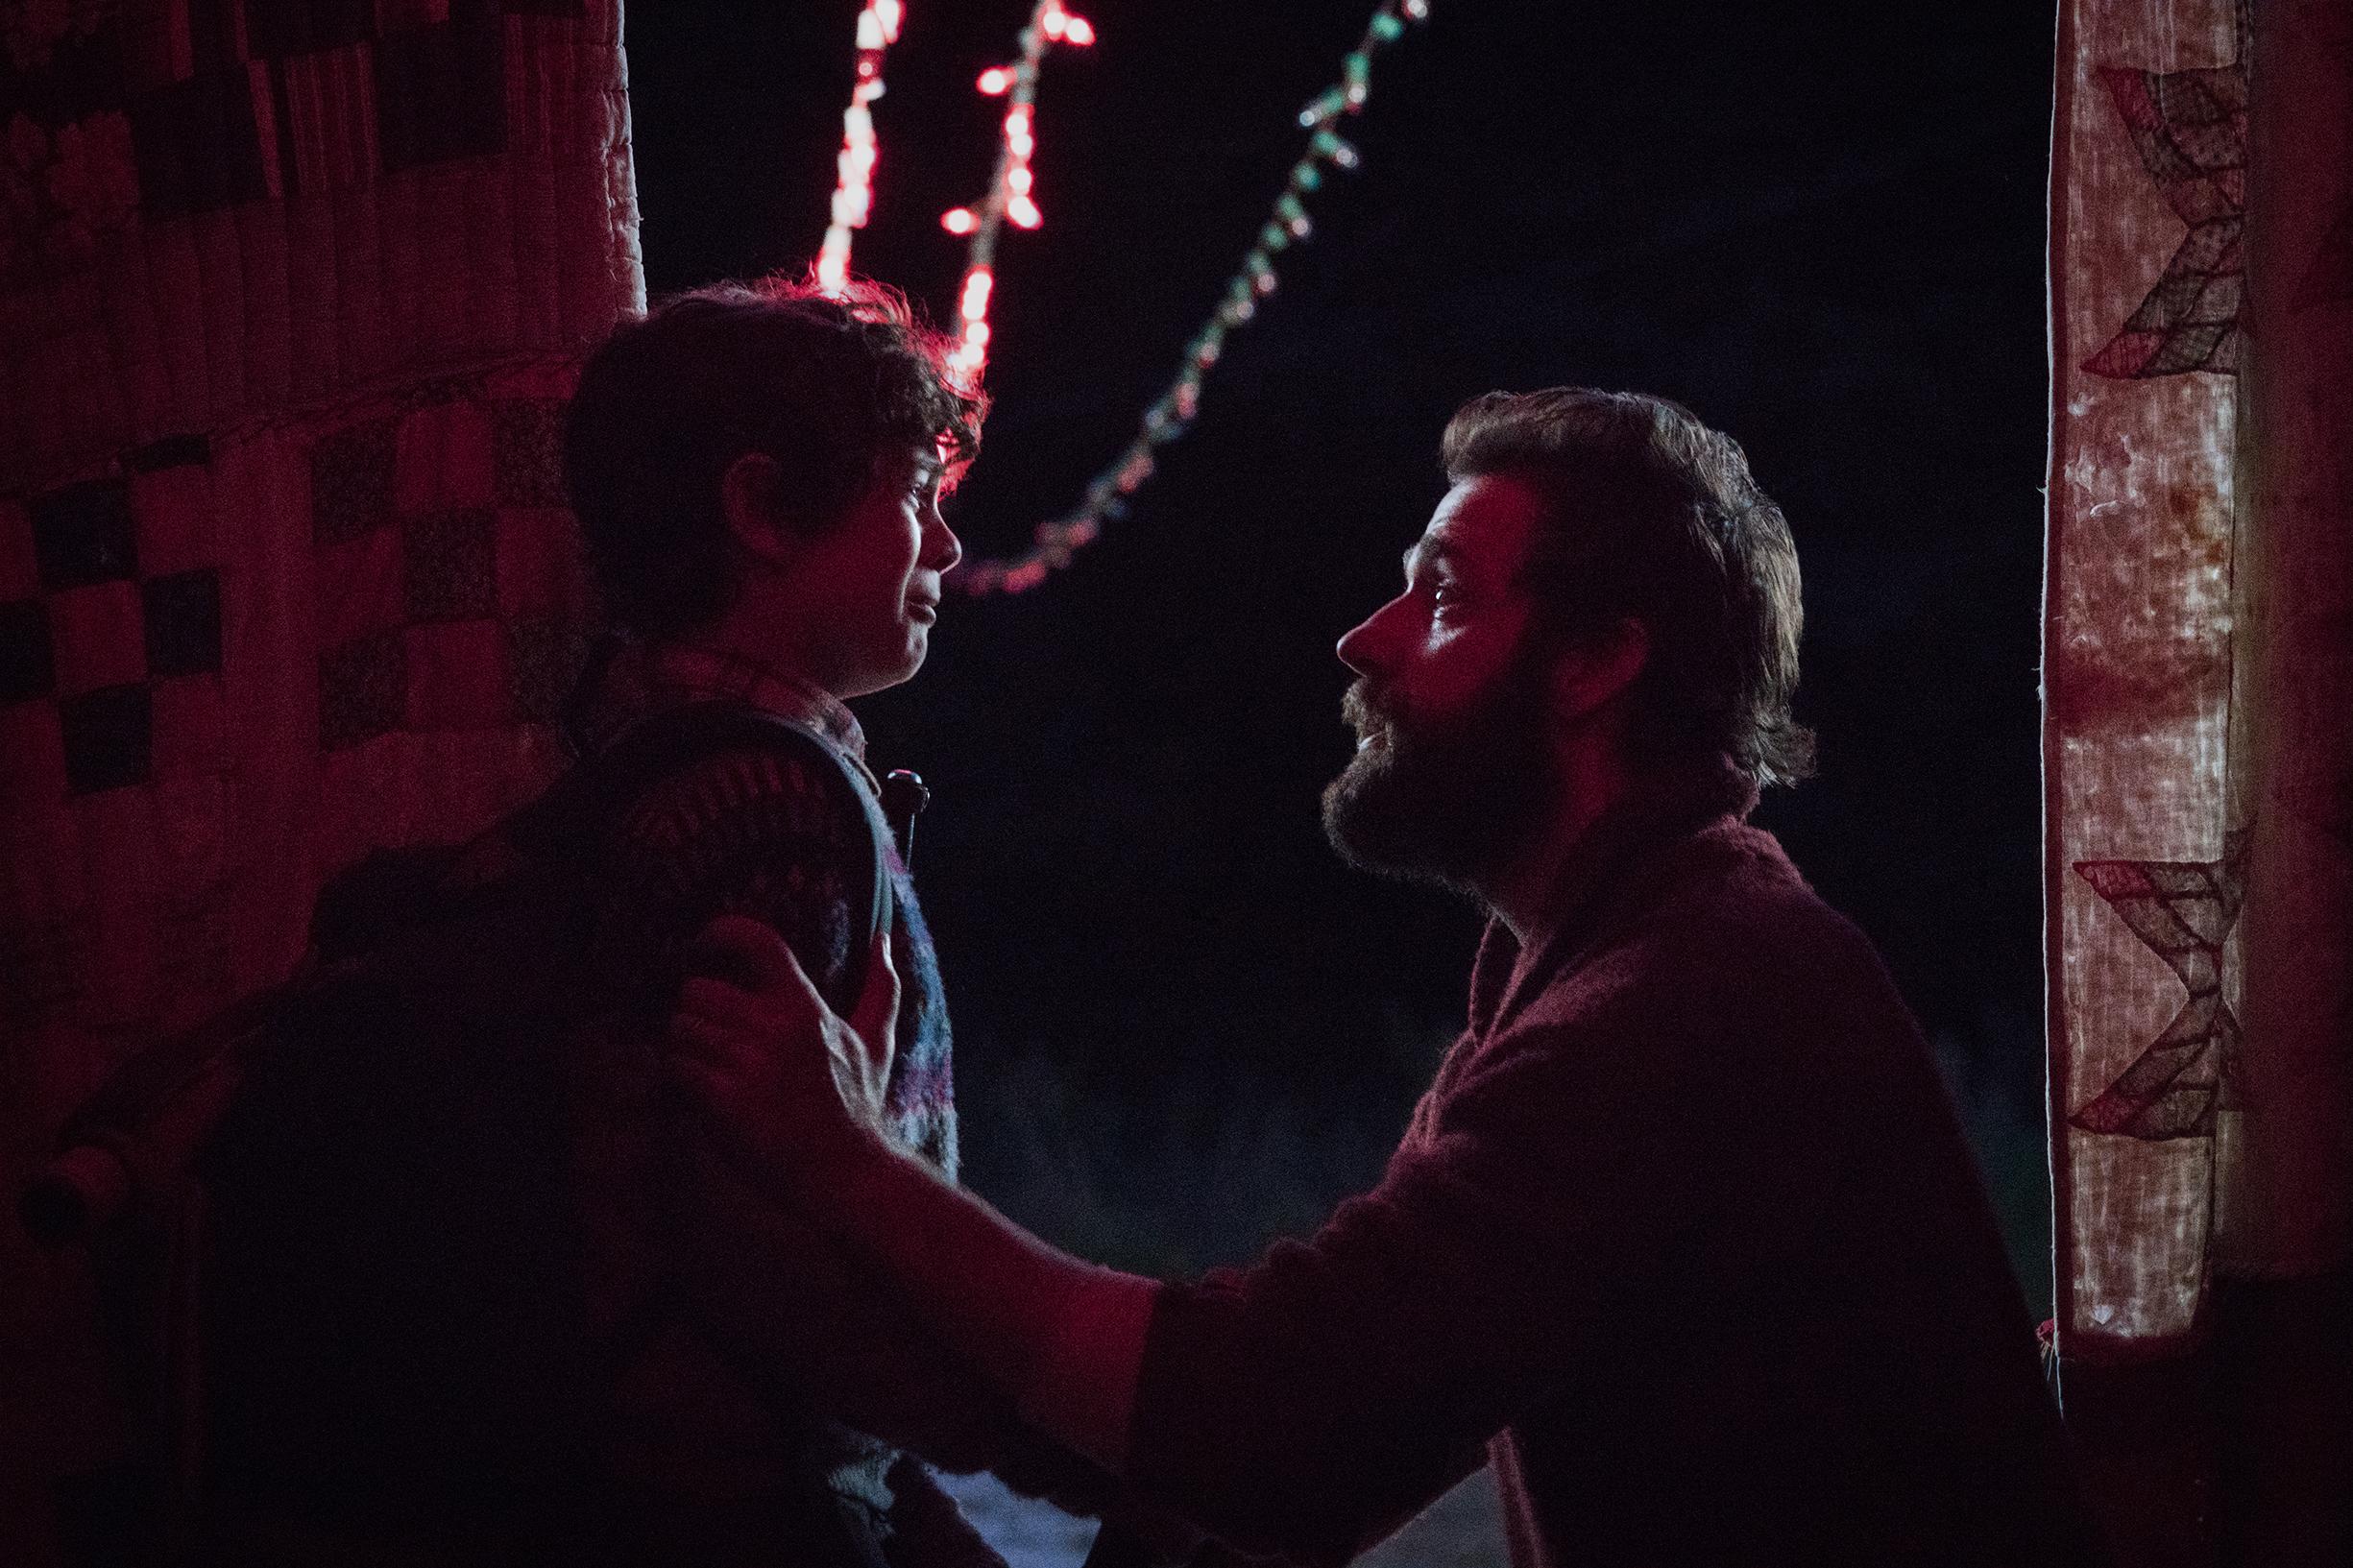 A Quiet Place (2018) - Directed by: John KrasinskiWritten by: Bryan Woods, Scott Beck & John Krasinski